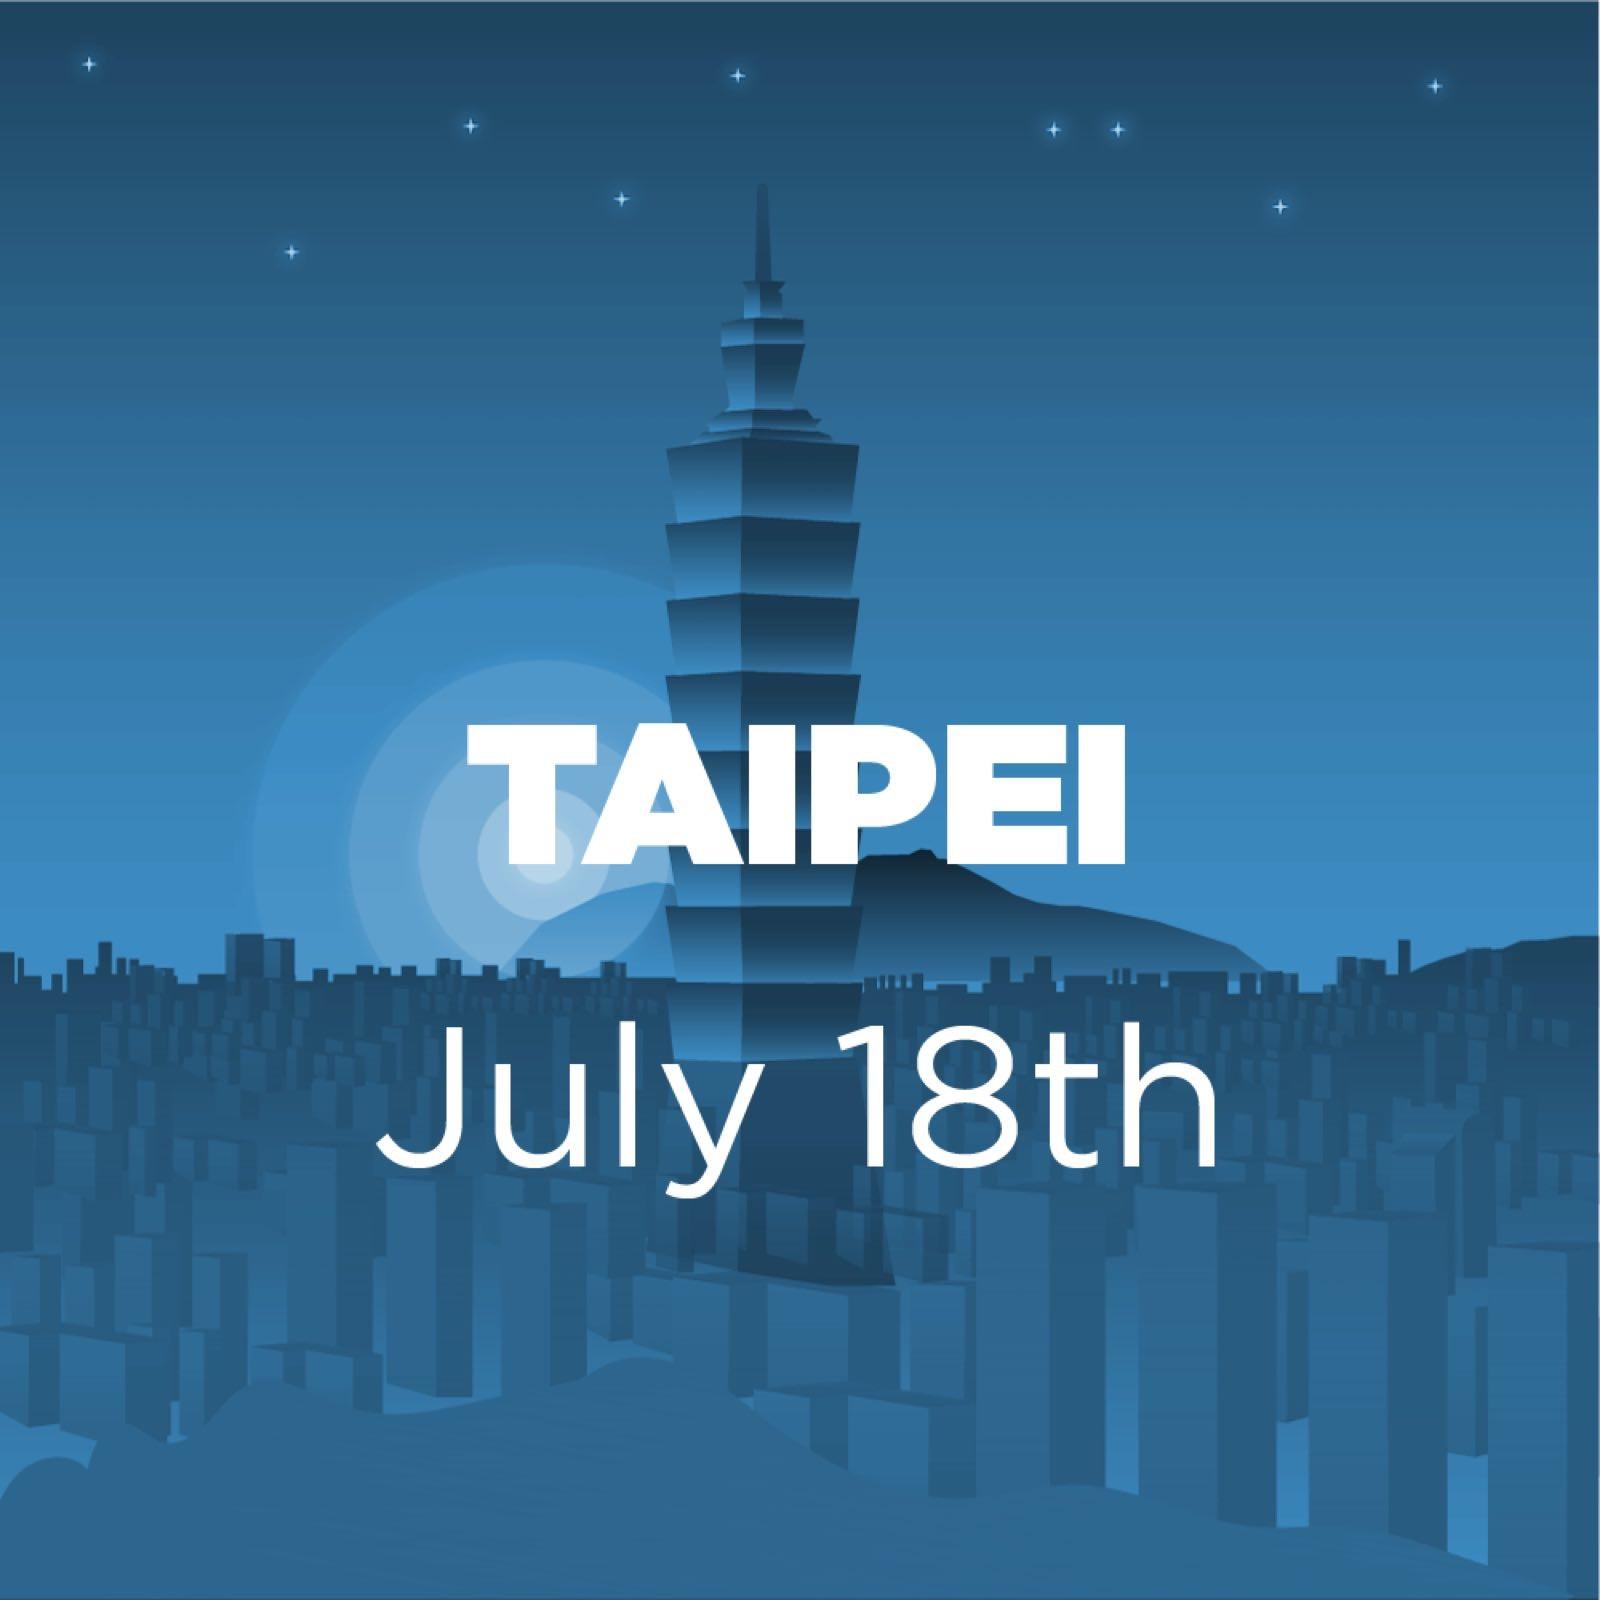 Taipei w date.jpg